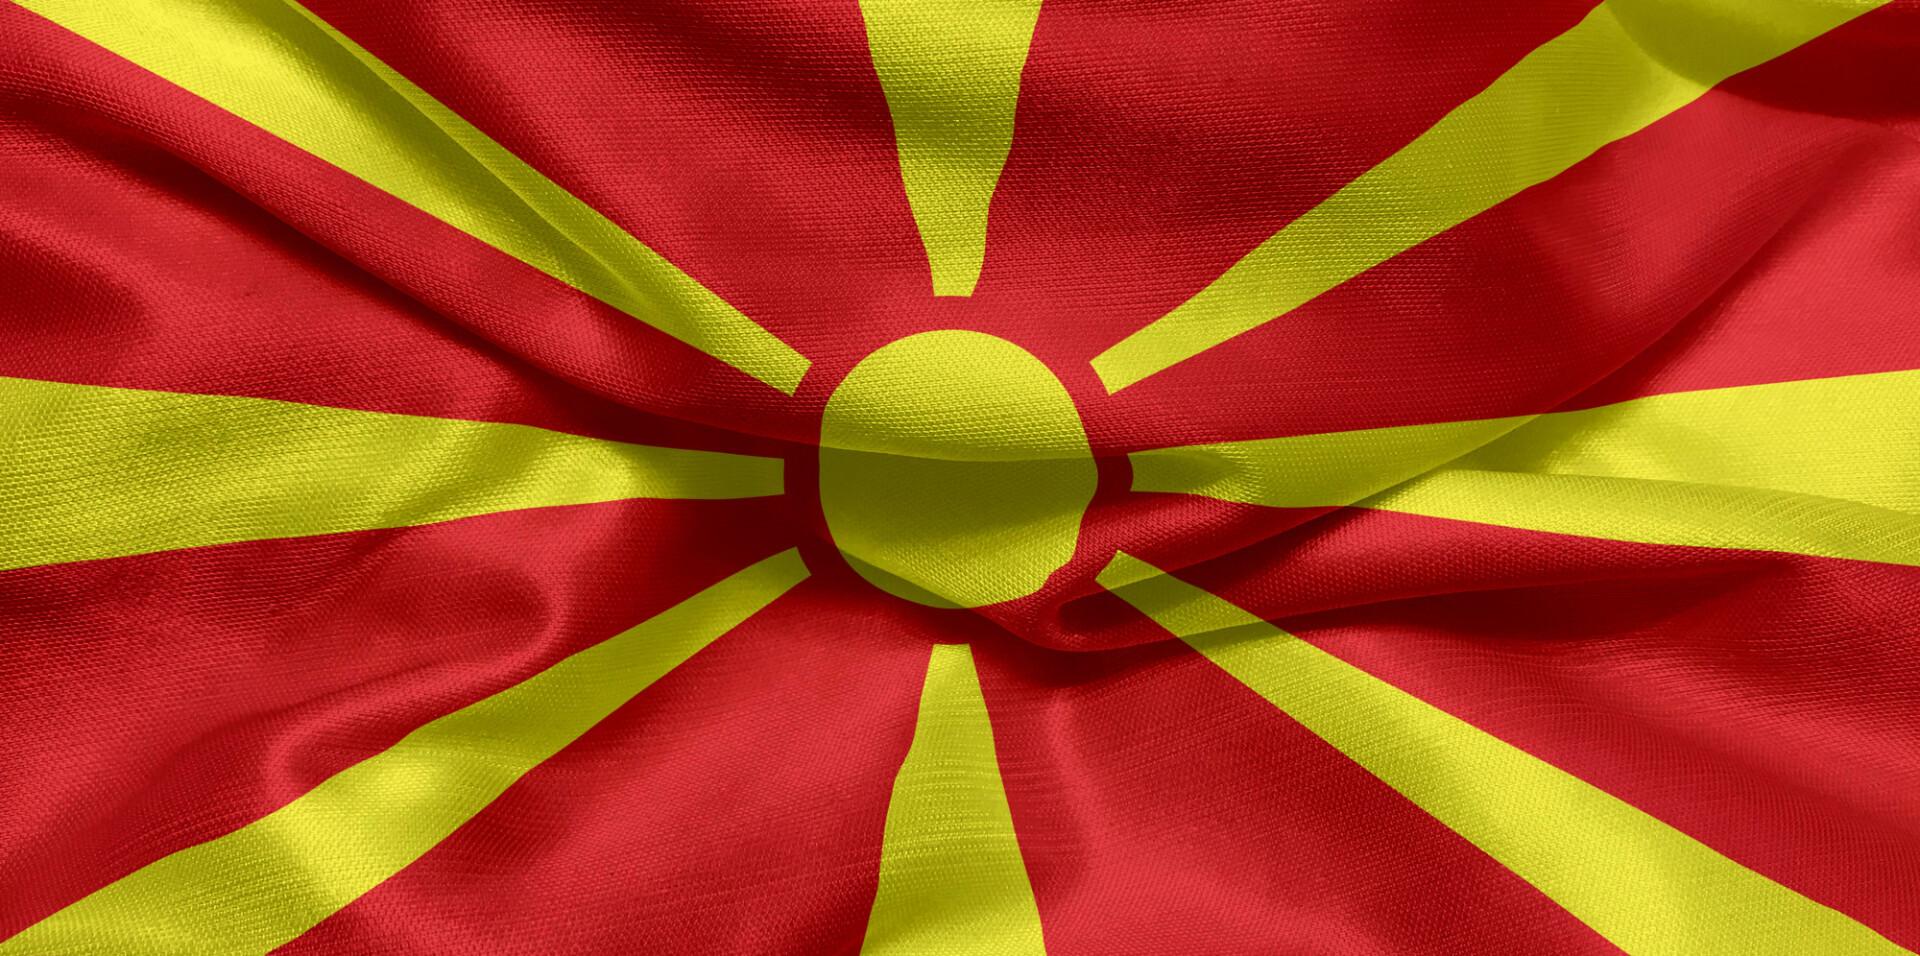 Flag of North Macedonia